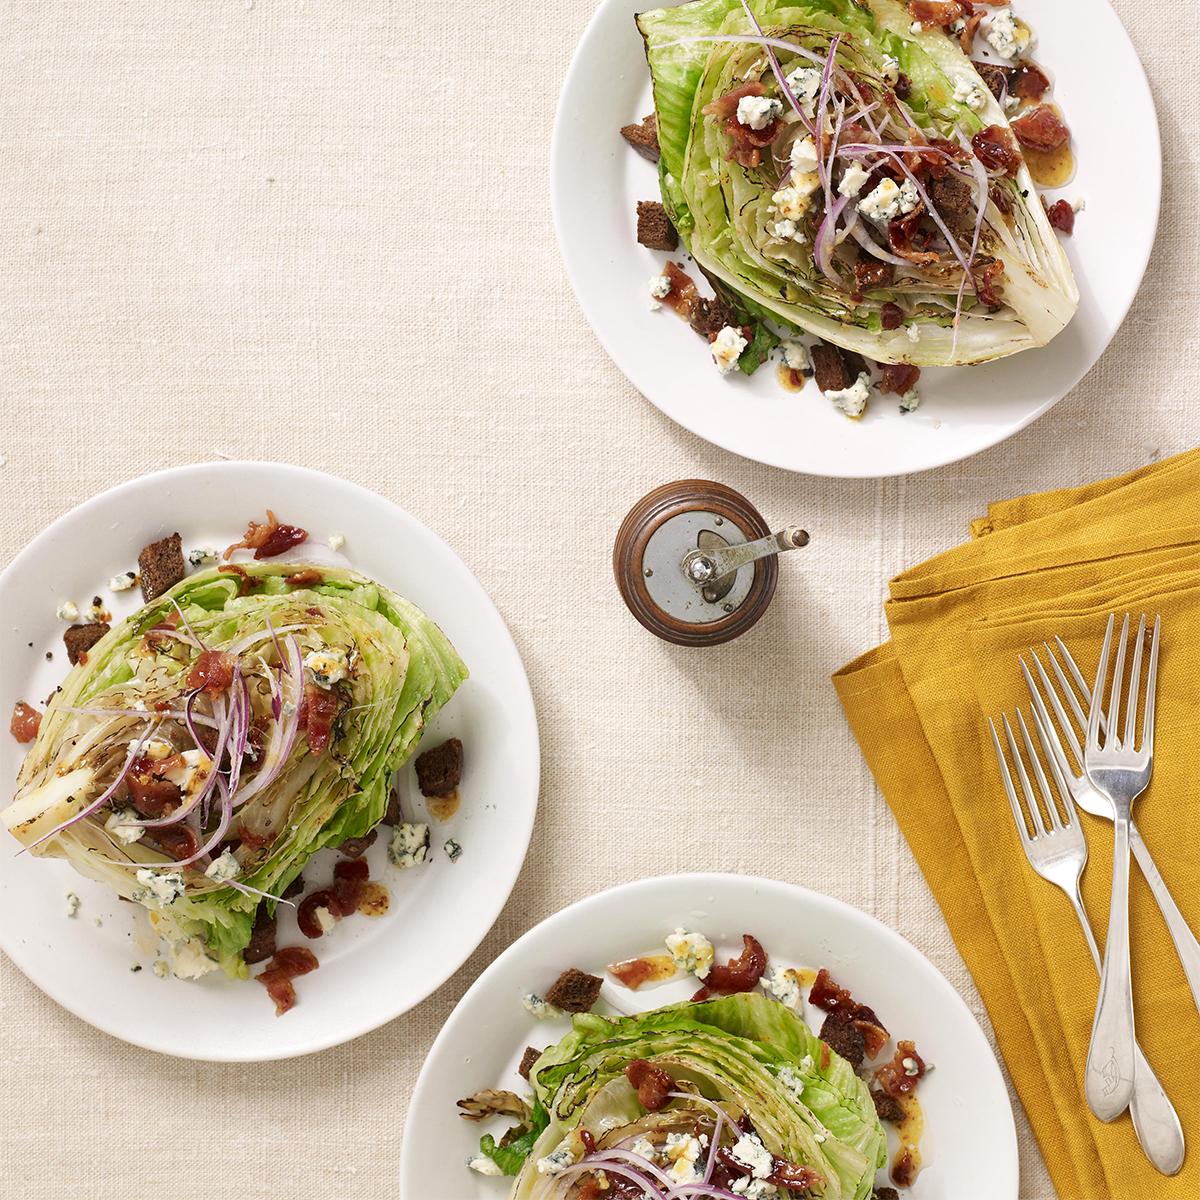 warm wedge salad